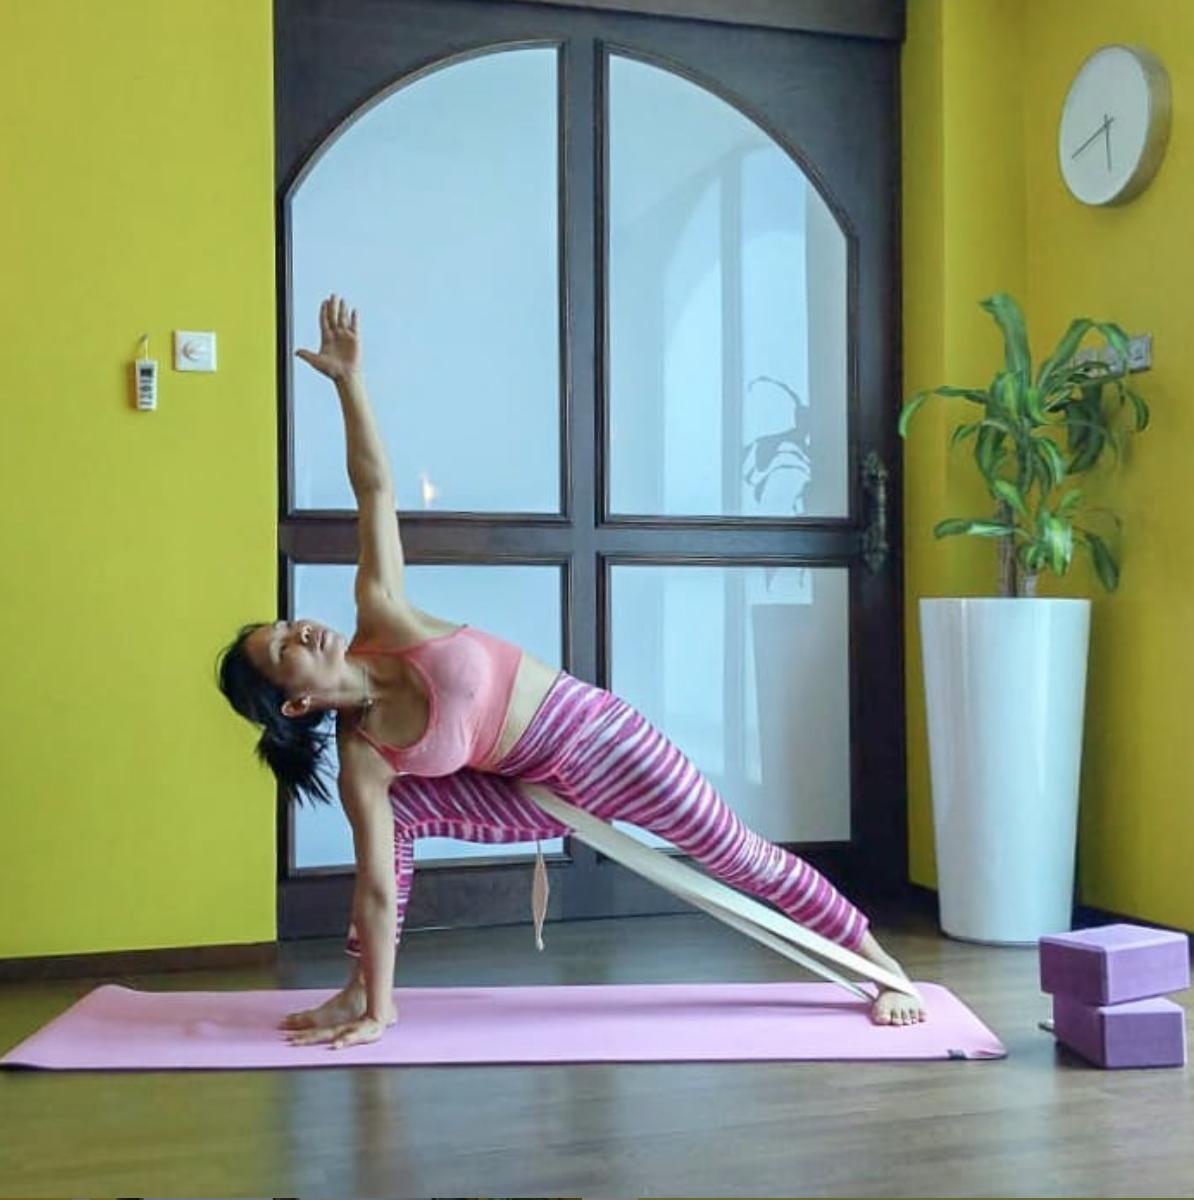 اسم الوضعية التالية هي Yoga Sanctuary Yoga Sanctuary